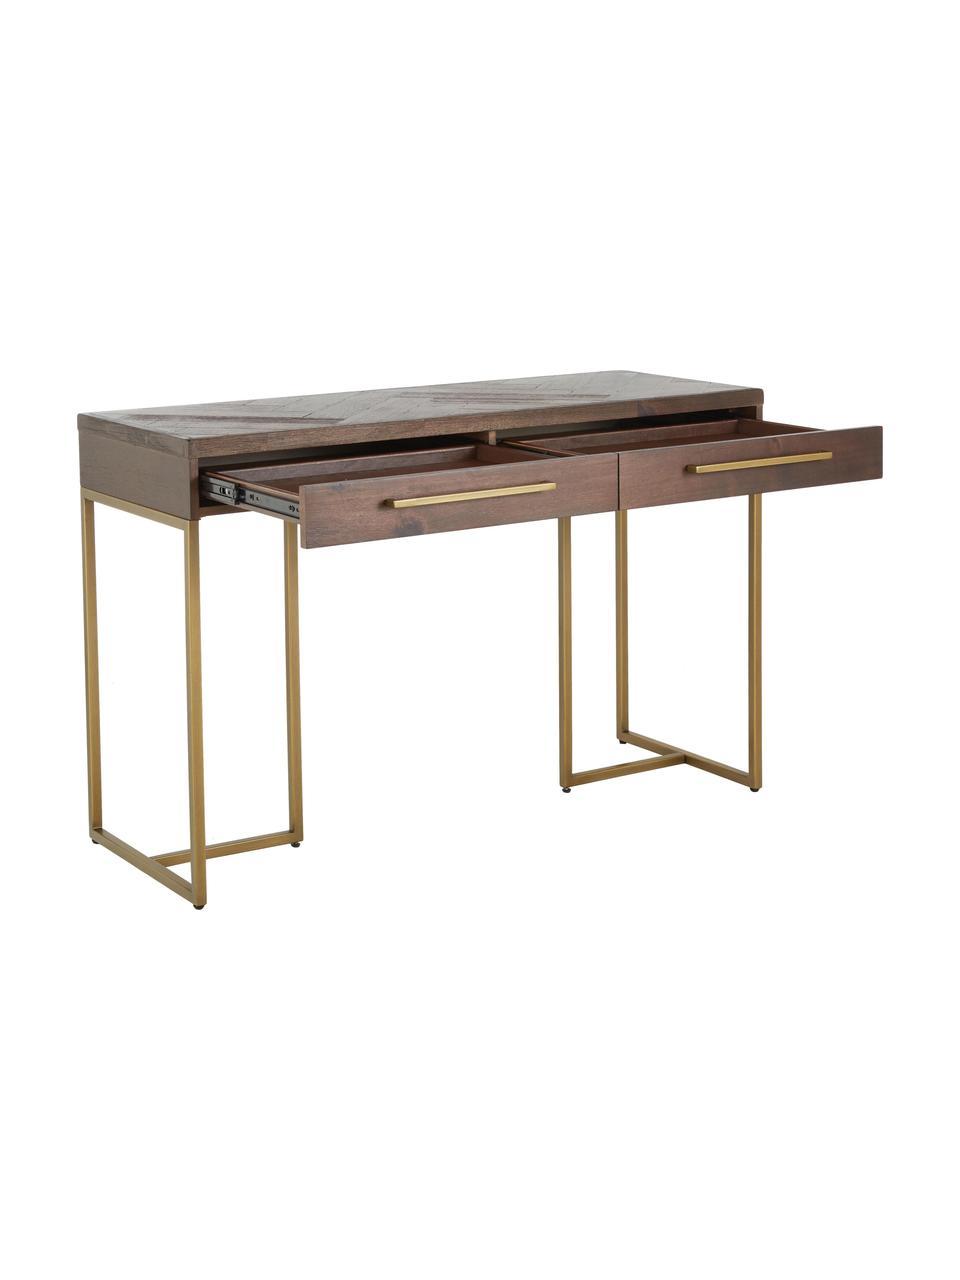 Konzolový stolek s dýhou z akátového dřeva Class, Akátové dřevo, mosazná